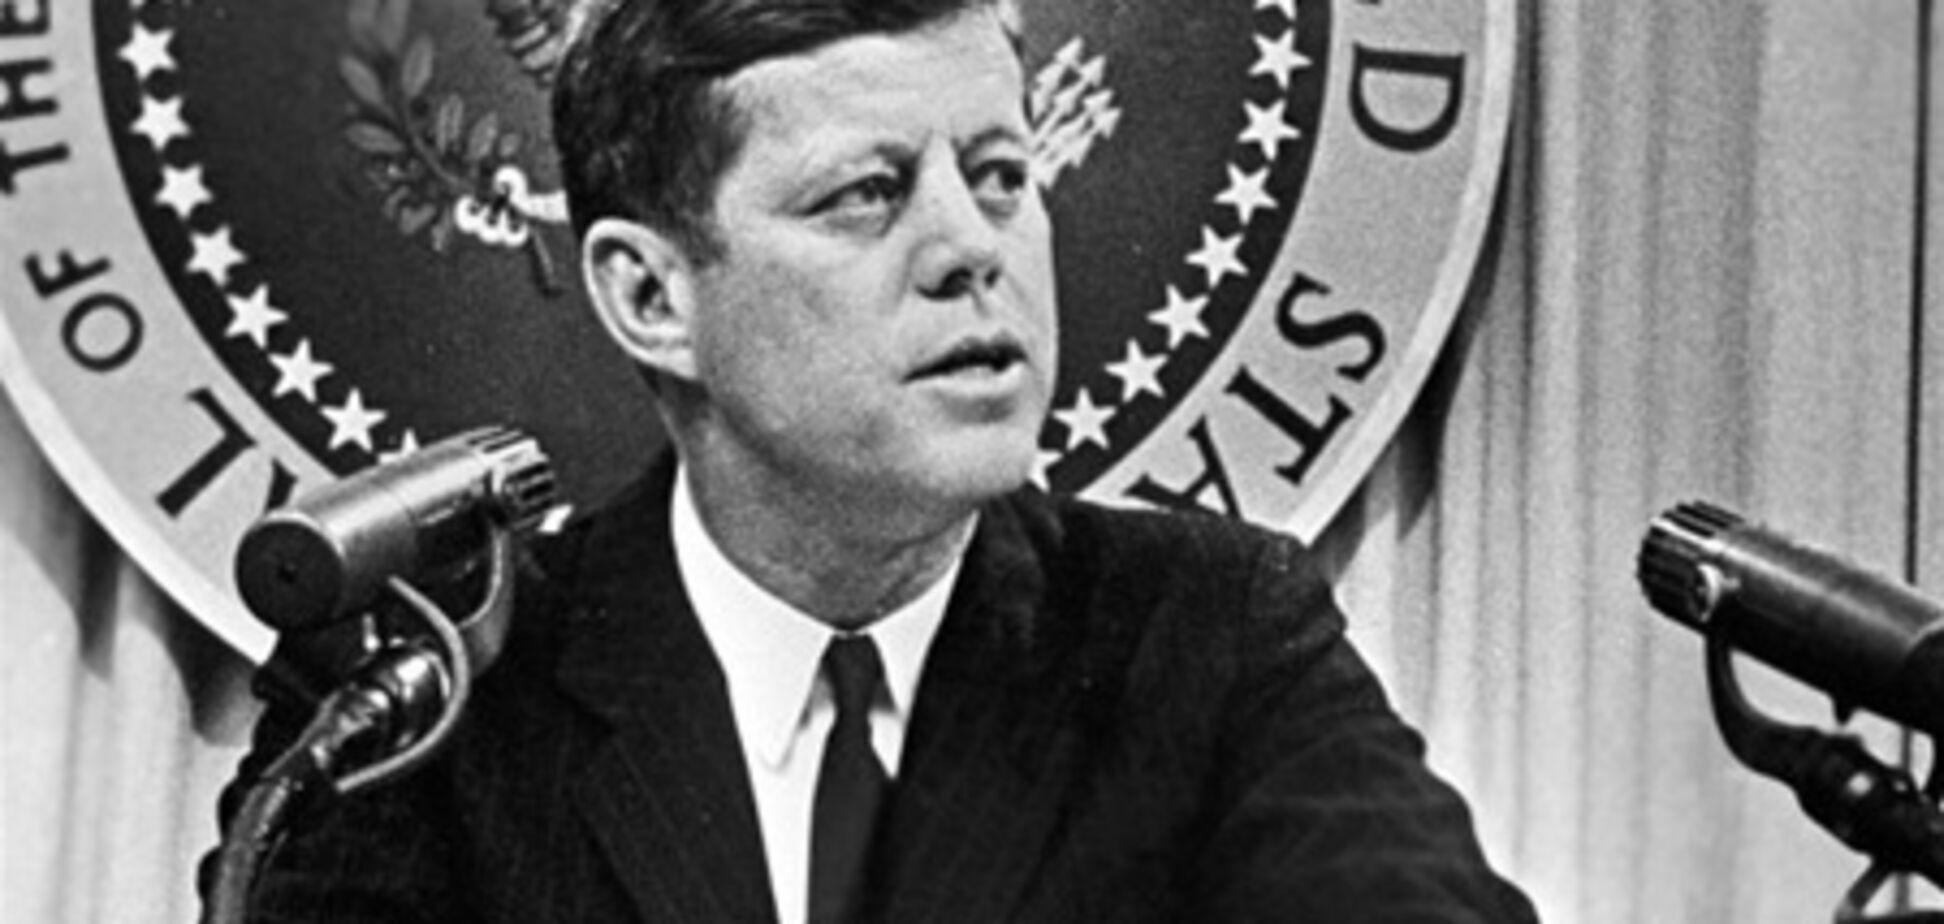 Обручальное кольцо убийцы Кеннеди уйдет с молотка в США